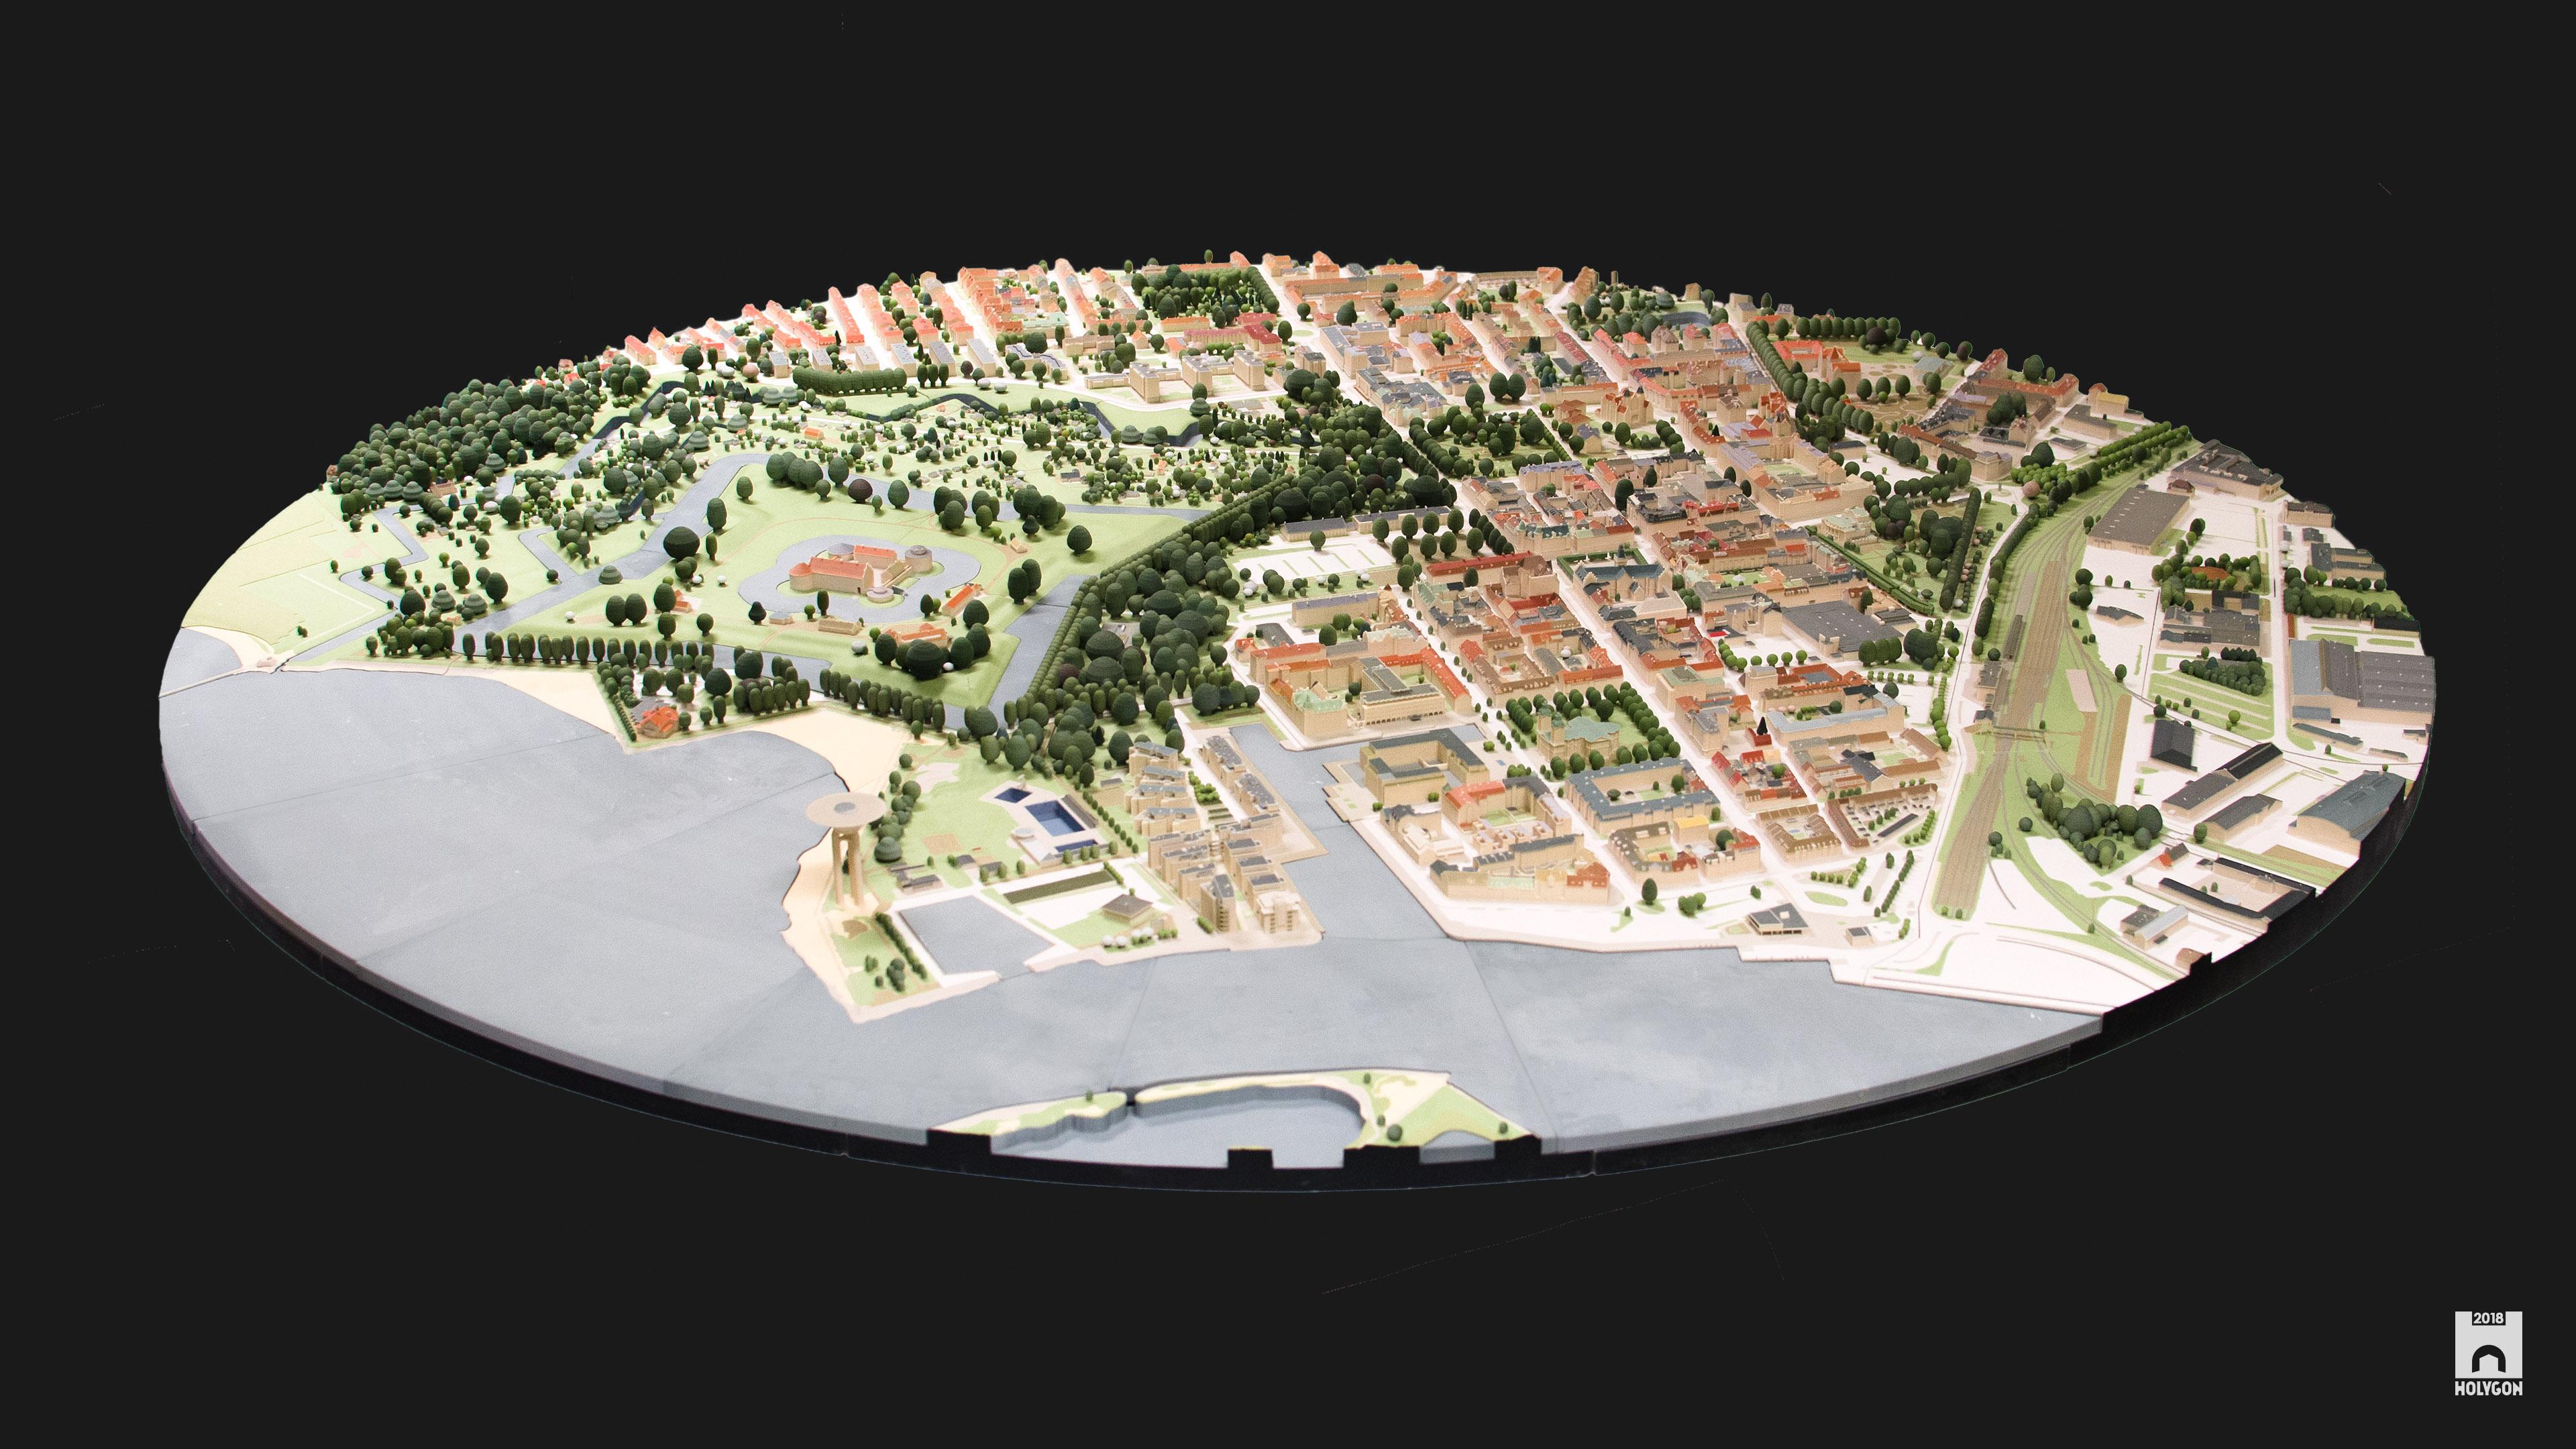 Wydrukowany w 3D model SketchUp miasta Landskrona. Zawiera 35000 elementów w skali 1:1000. (źródło: Holygon)